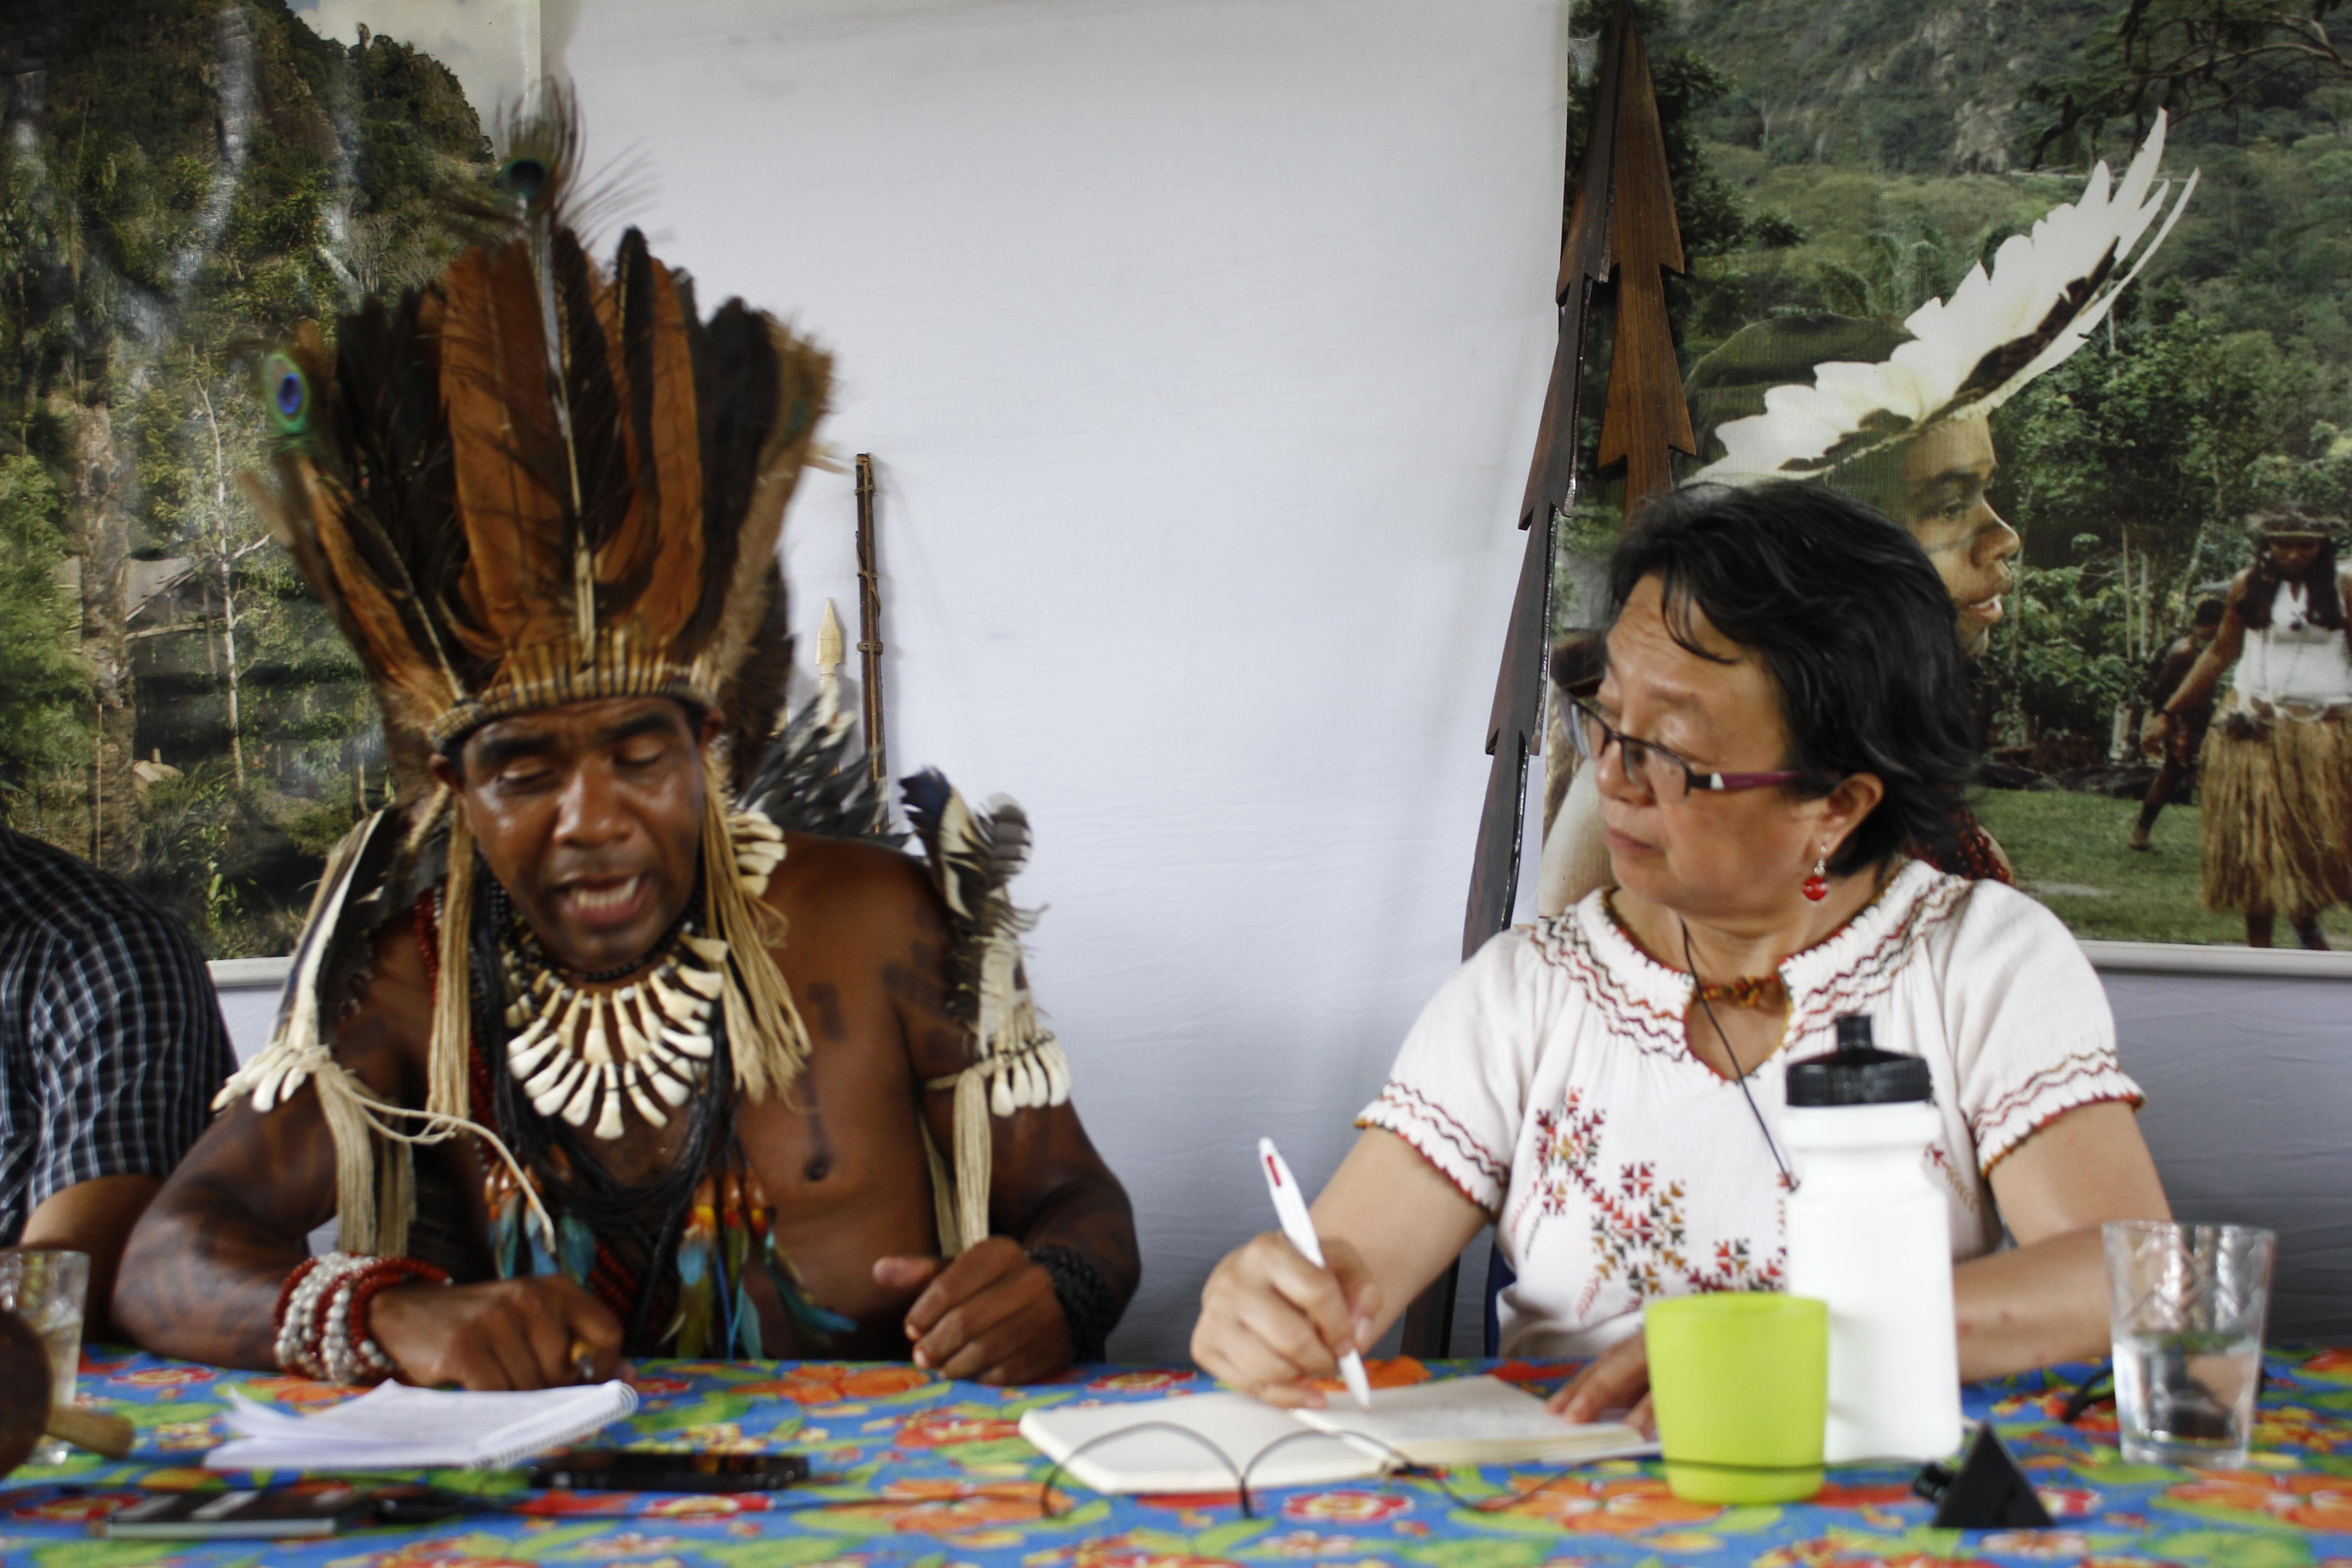 Relatora da ONU sobre direitos dos povos indígenas, Victoria Tauli Corpuz, com o cacique Babau Tupinambá, em visita à Bahia. Foto: Renato Santana/Cimi